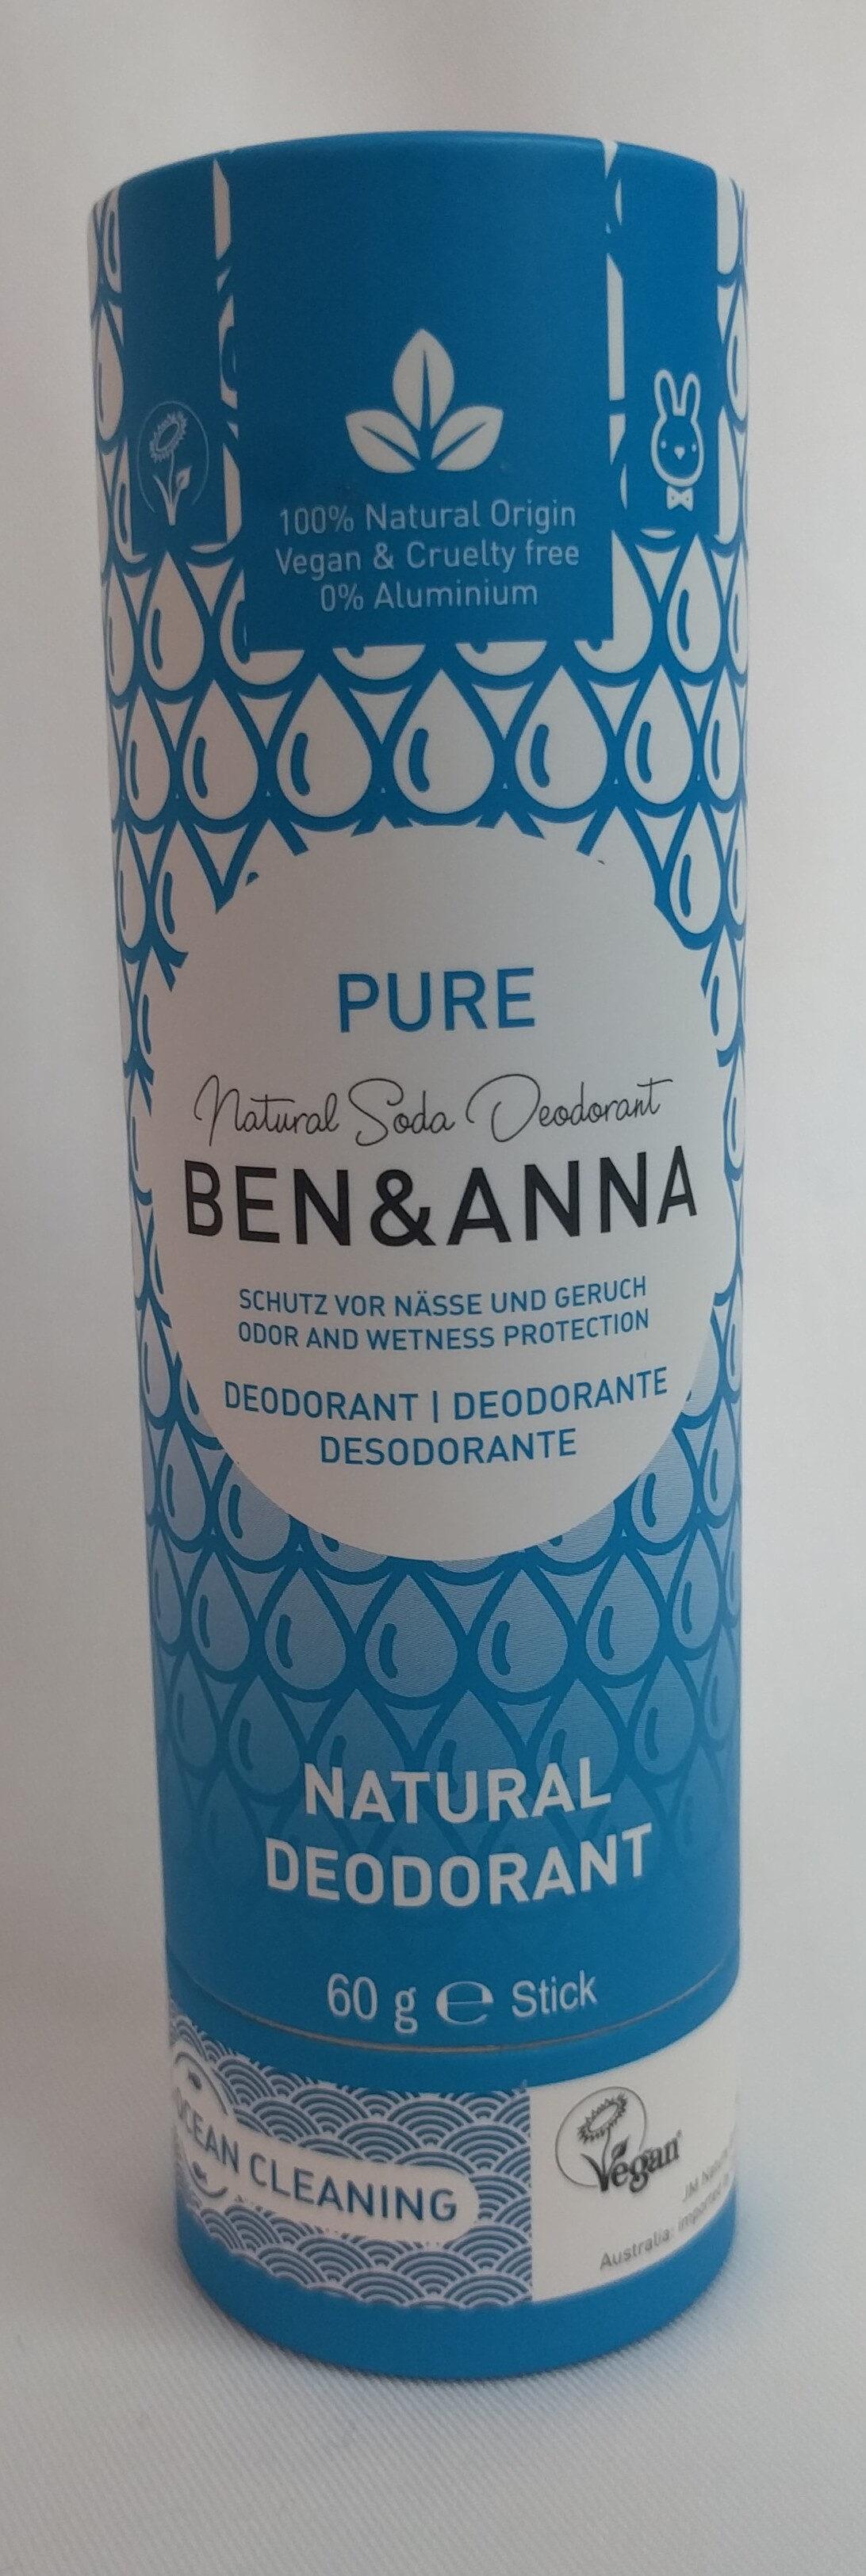 Natural Deodorant PURE - Product - de